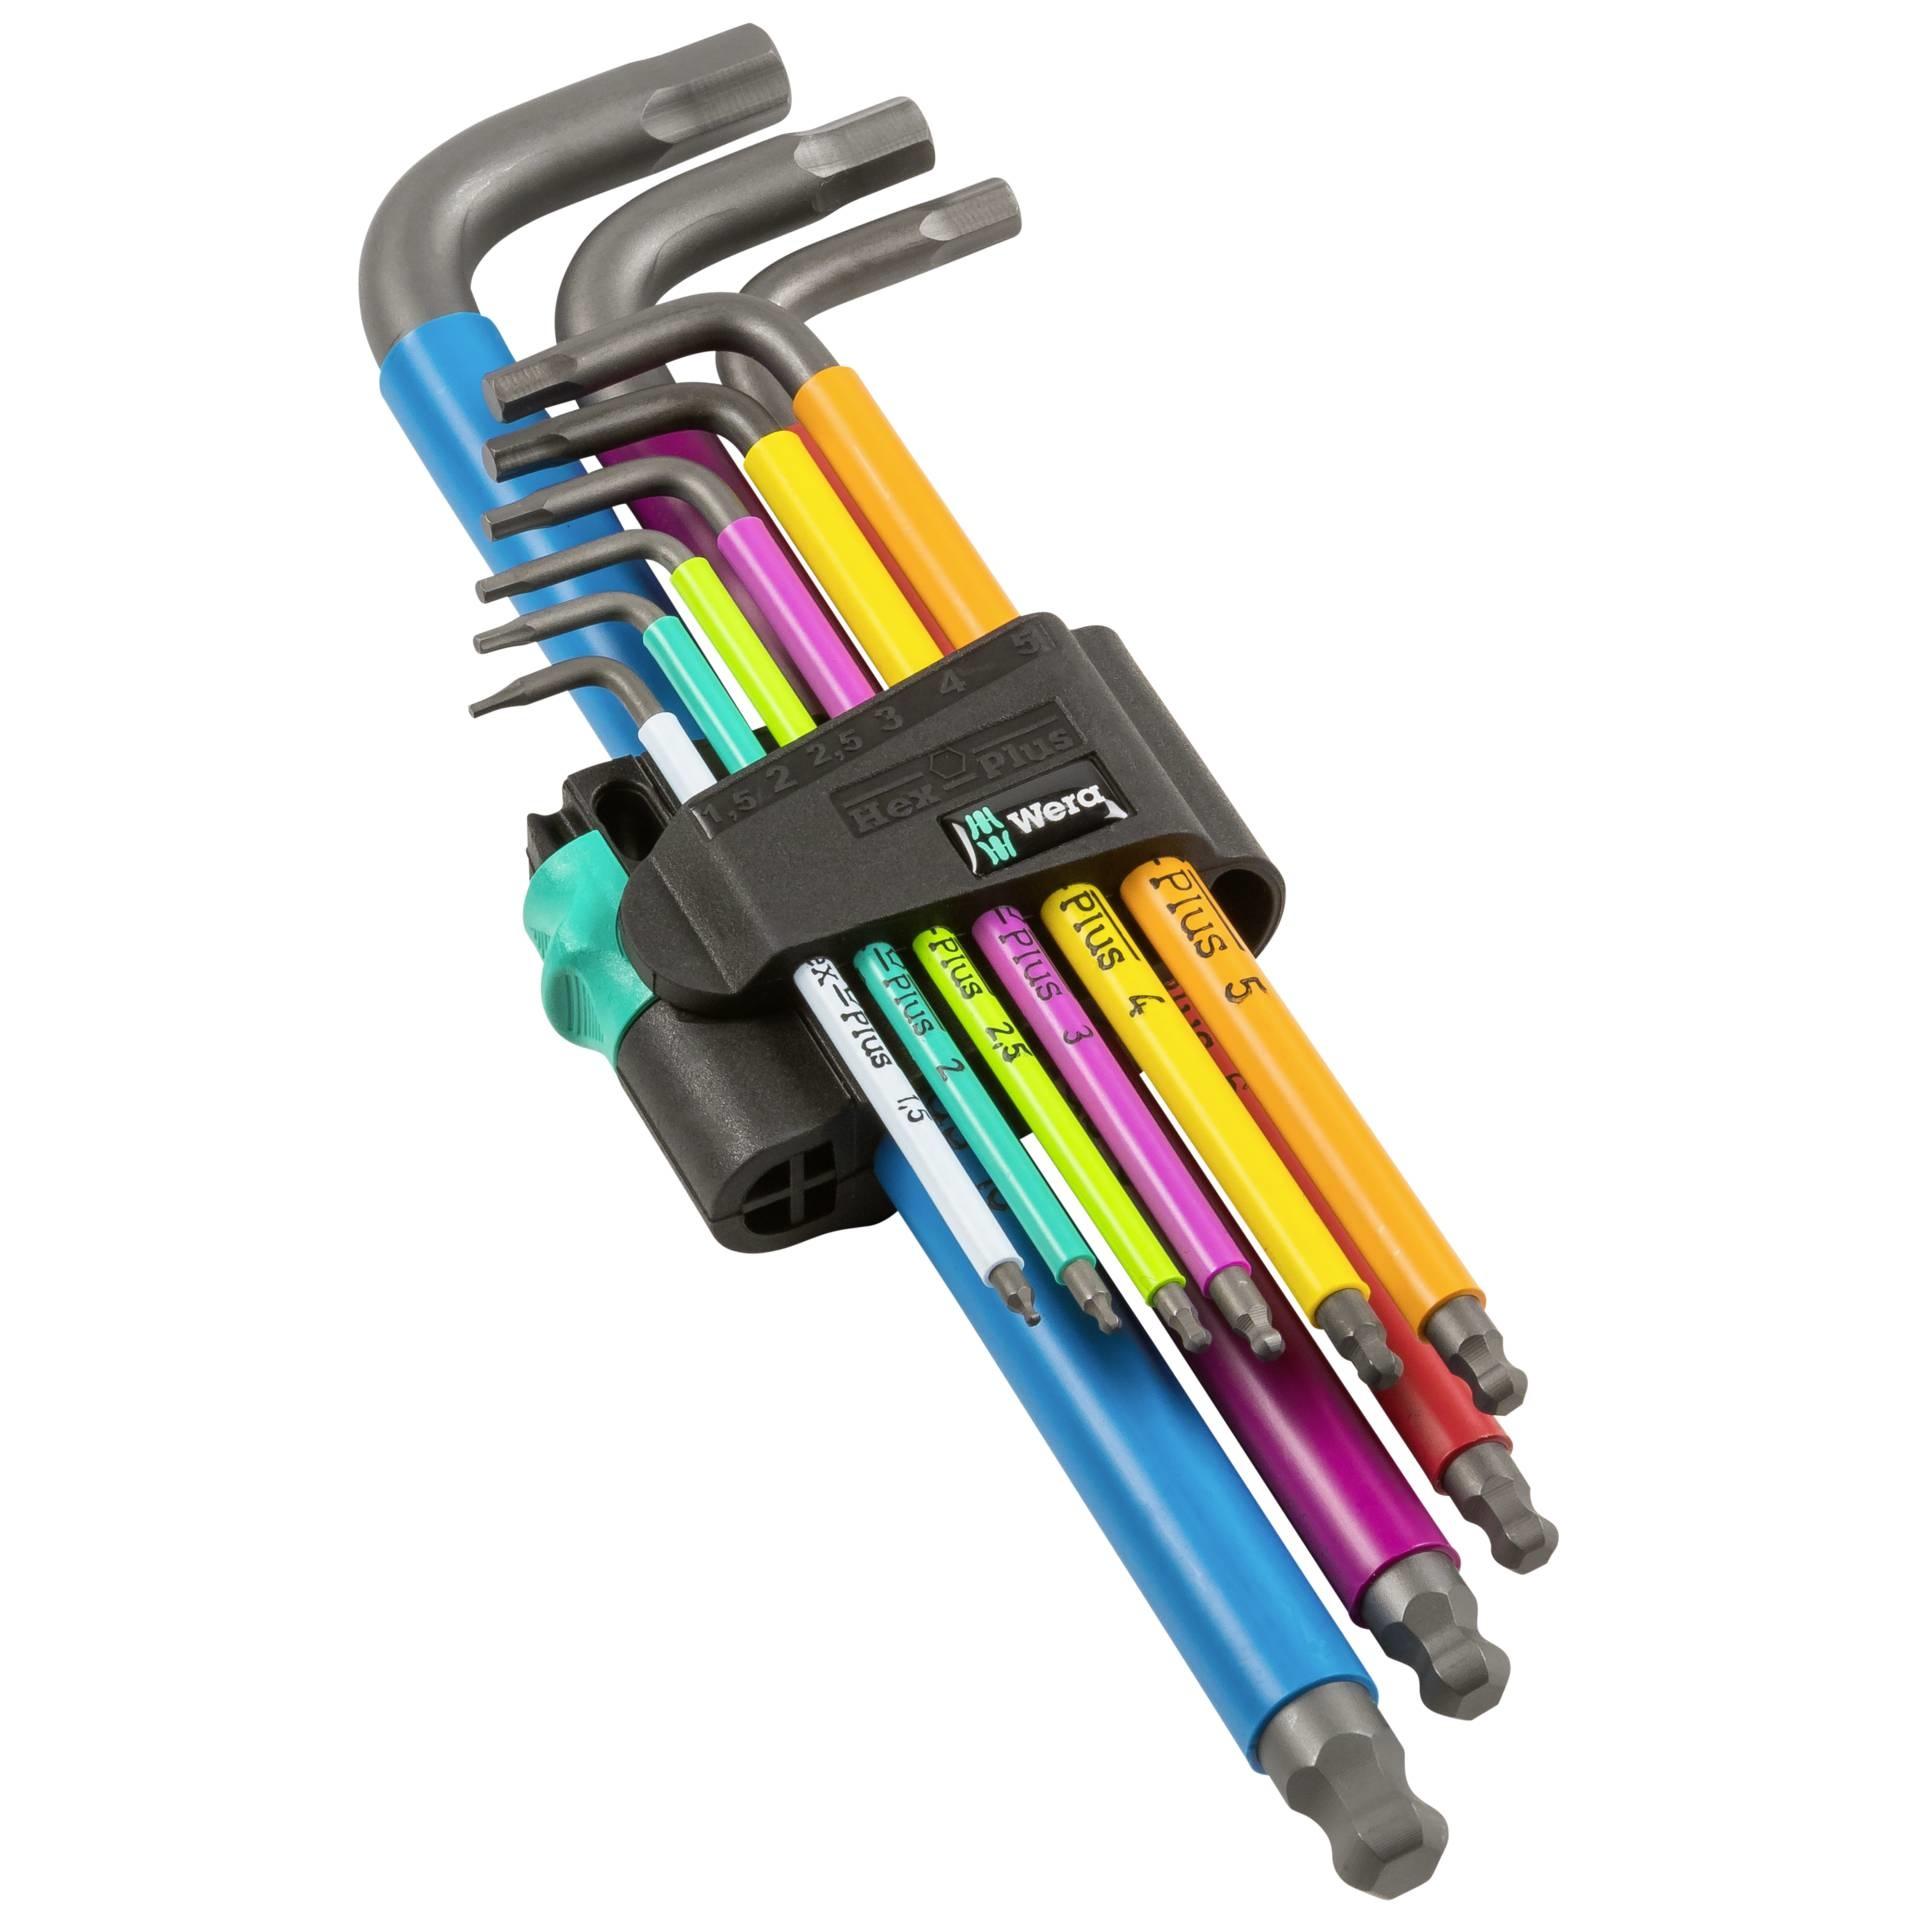 Wera Tools Hex Plus Multicolour Long Arm L-Key Set, Metric, 9 Pieces-1